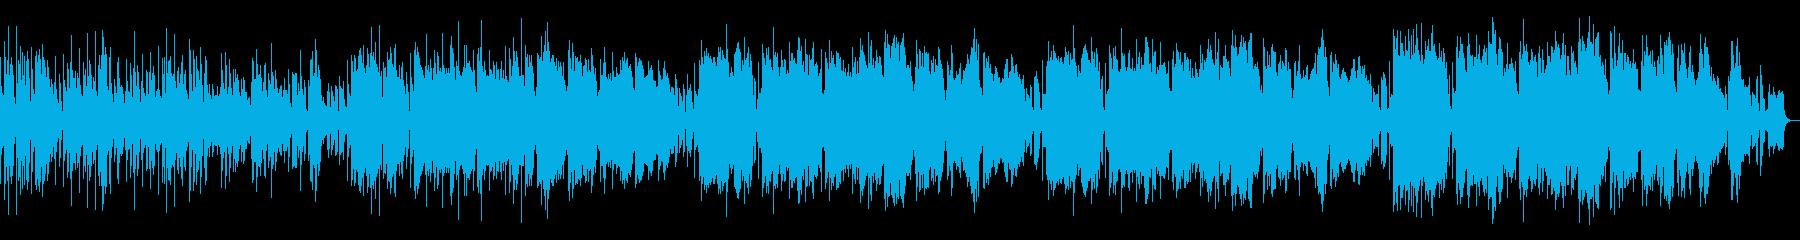 ピアノ中心の誕生日をイメージした弾む楽曲の再生済みの波形